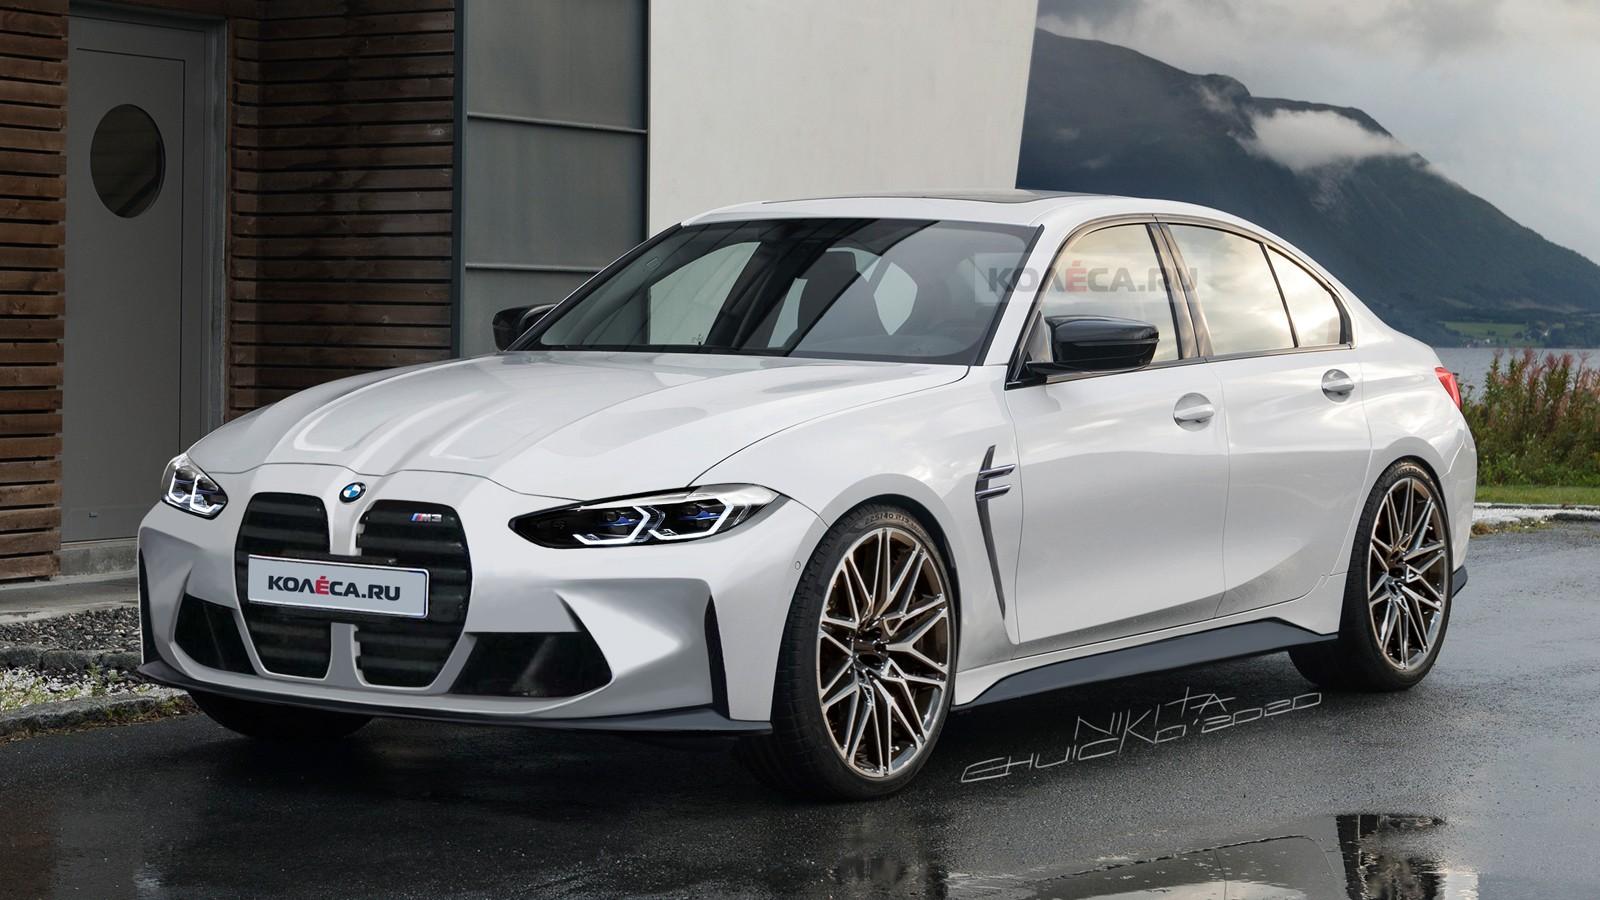 BMW M3 следующего поколения (G80): новые изображения